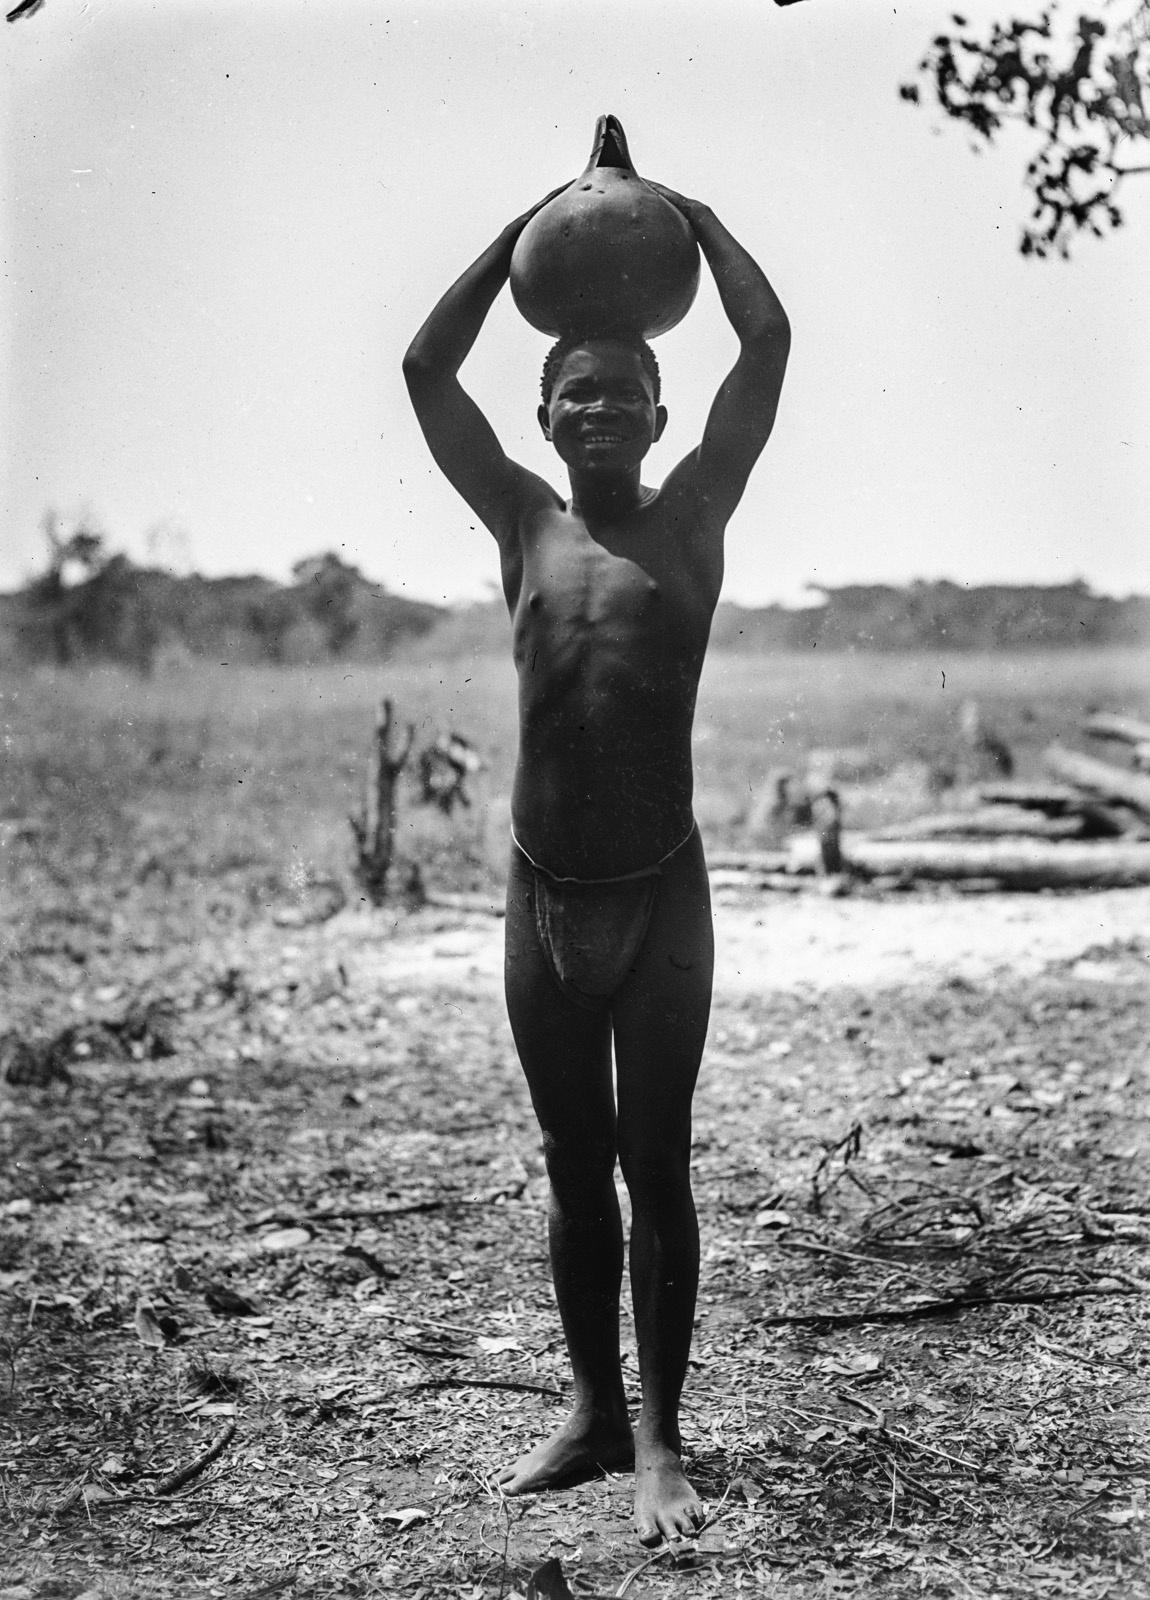 Касемпа.  Мальчик с наполненной водой тыквой на голове